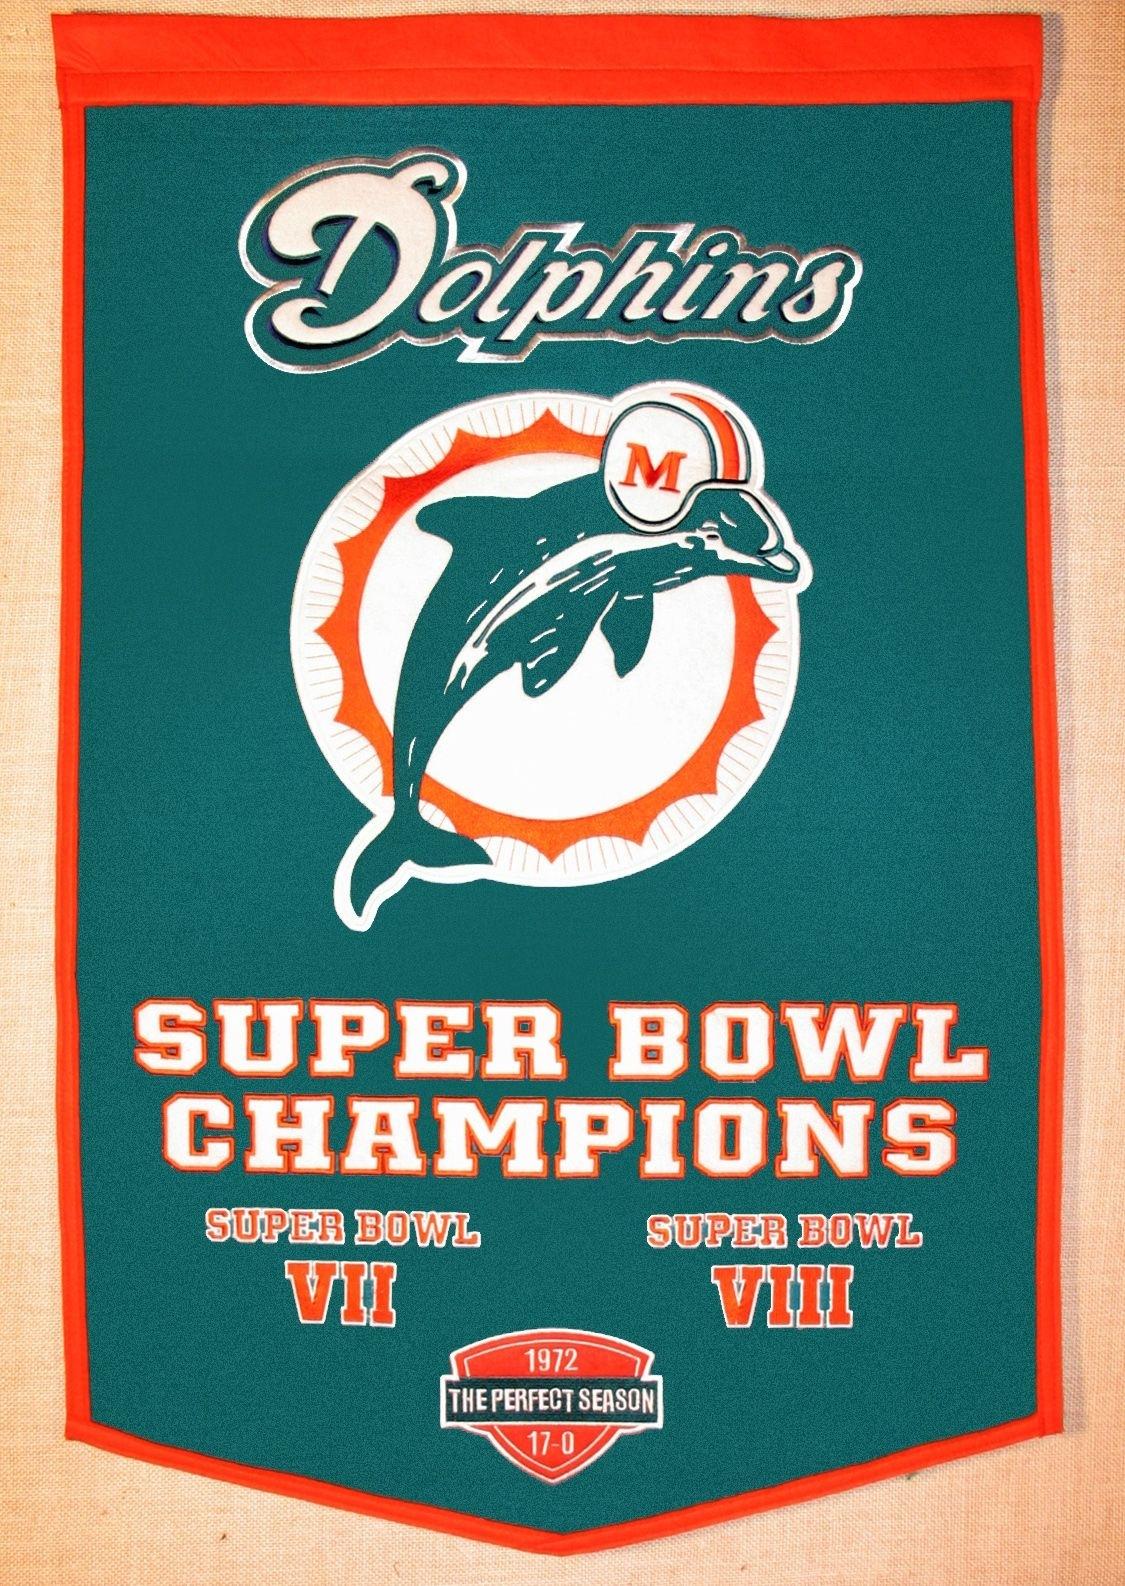 Miami Dolphins Super Bowl Champs | Nfl Miami Dolphins, Miami regarding Miami Dolphins Super Bowl History